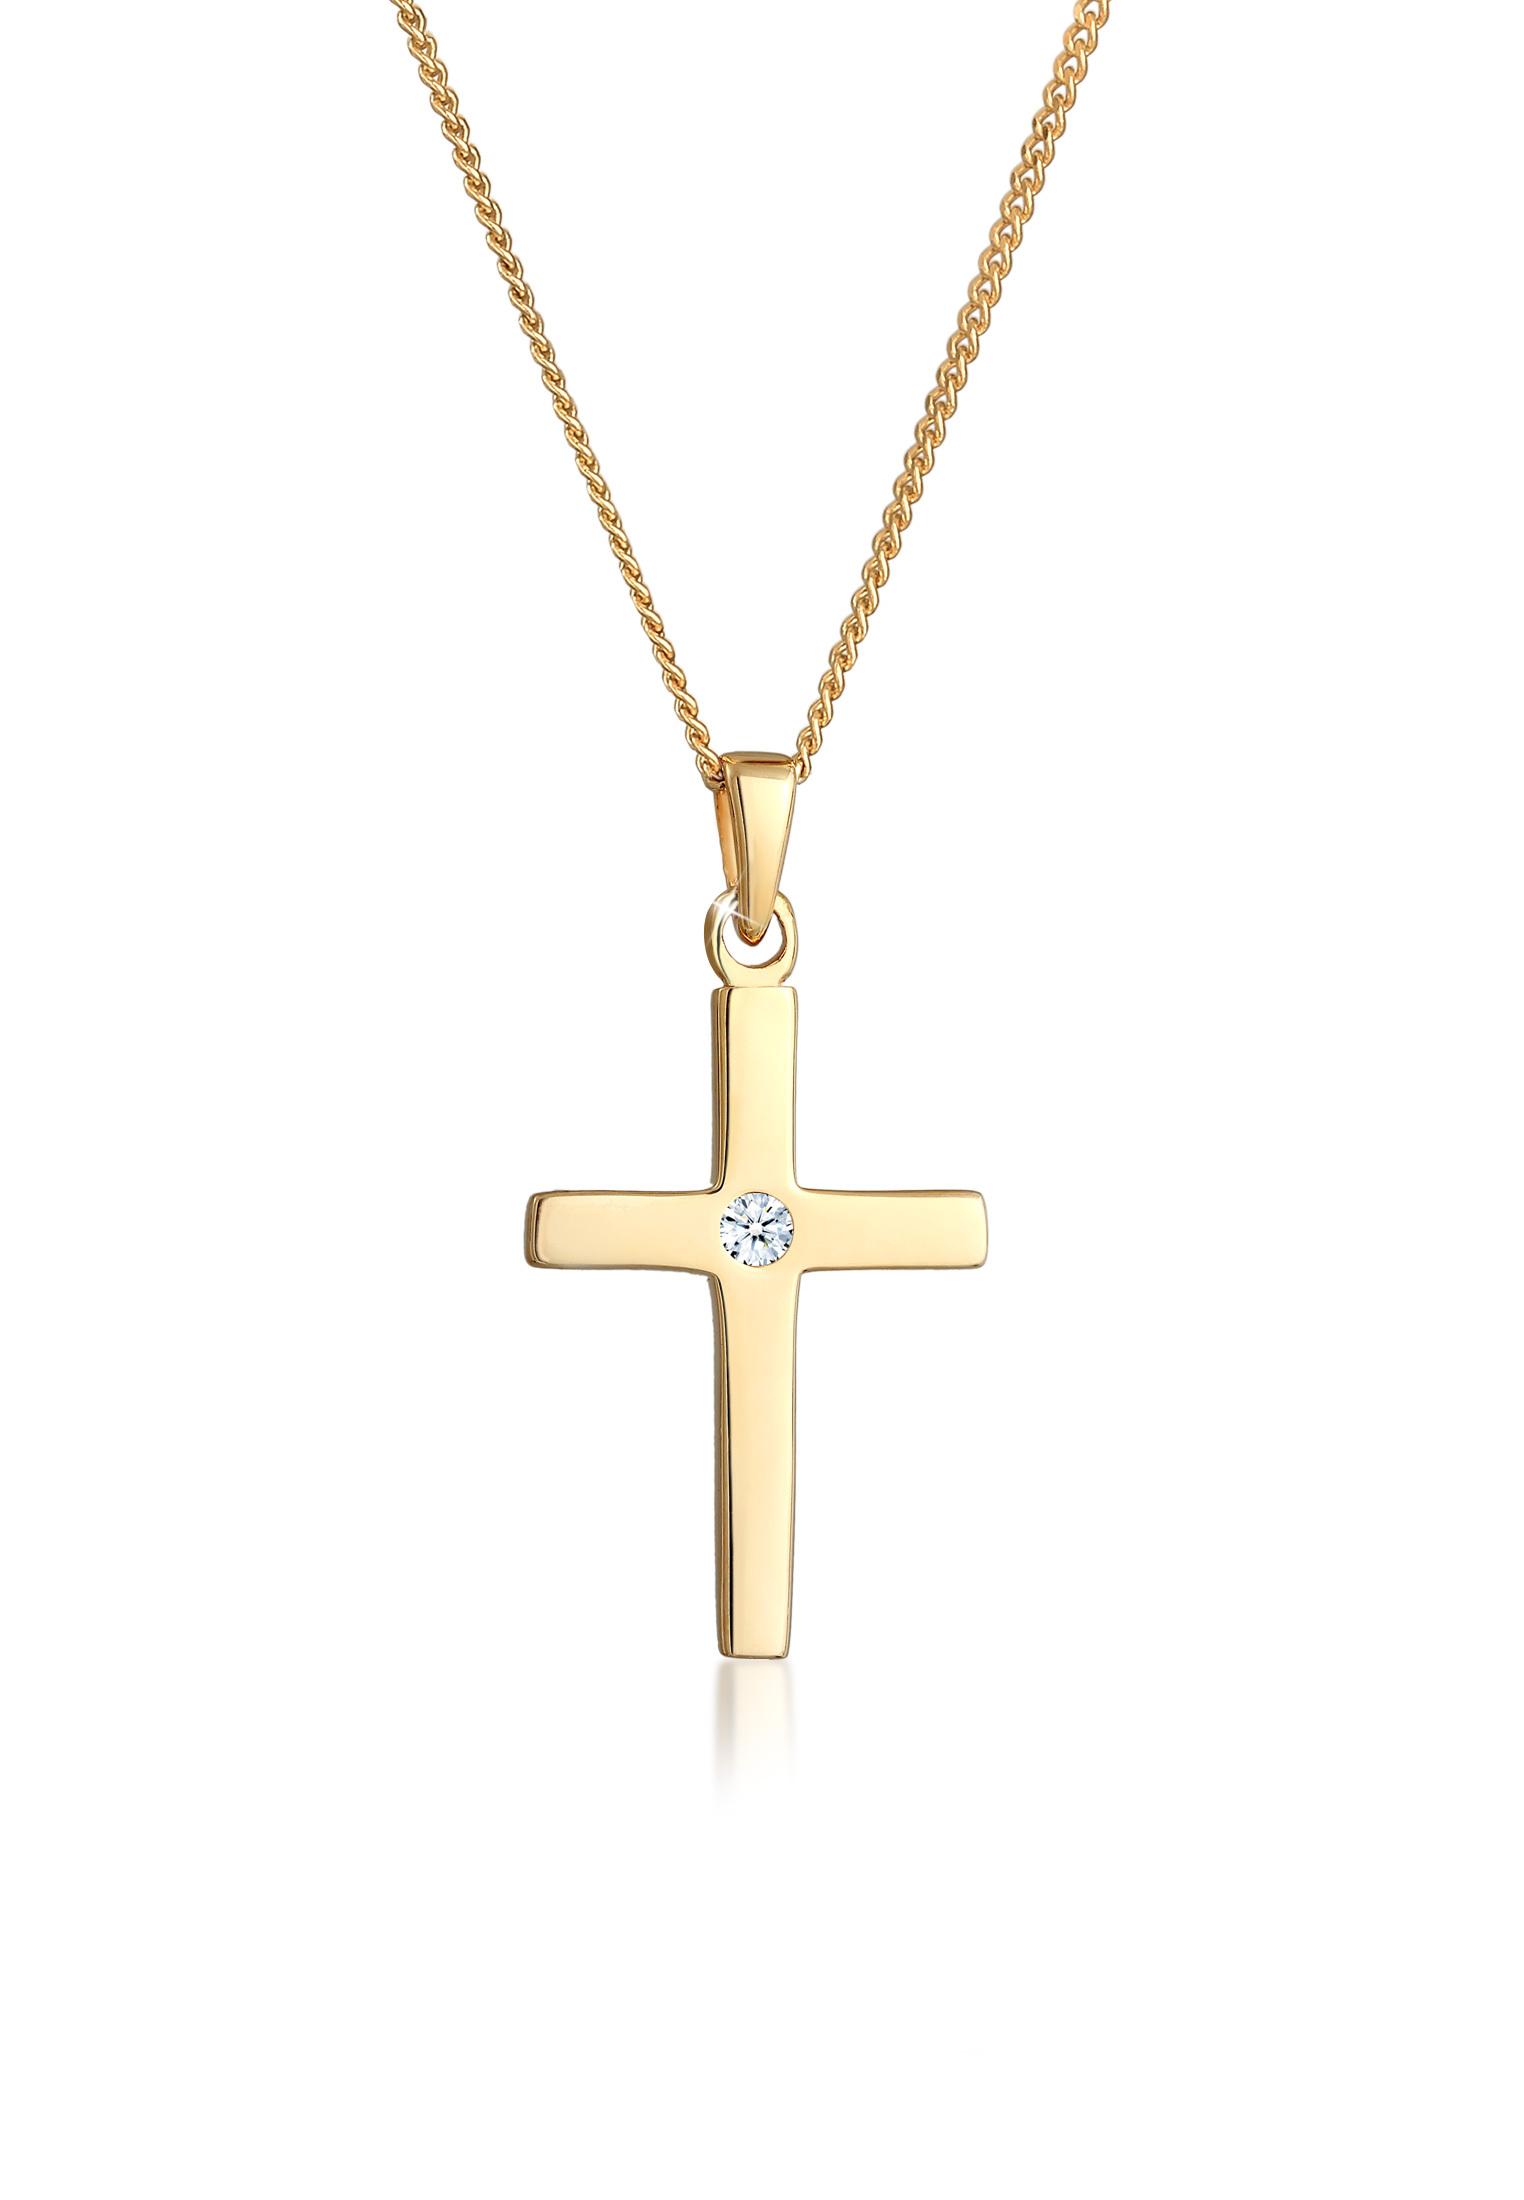 Halskette Kreuz | Diamant ( Weiß, 0,015 ct ) | 585 Gelbgold